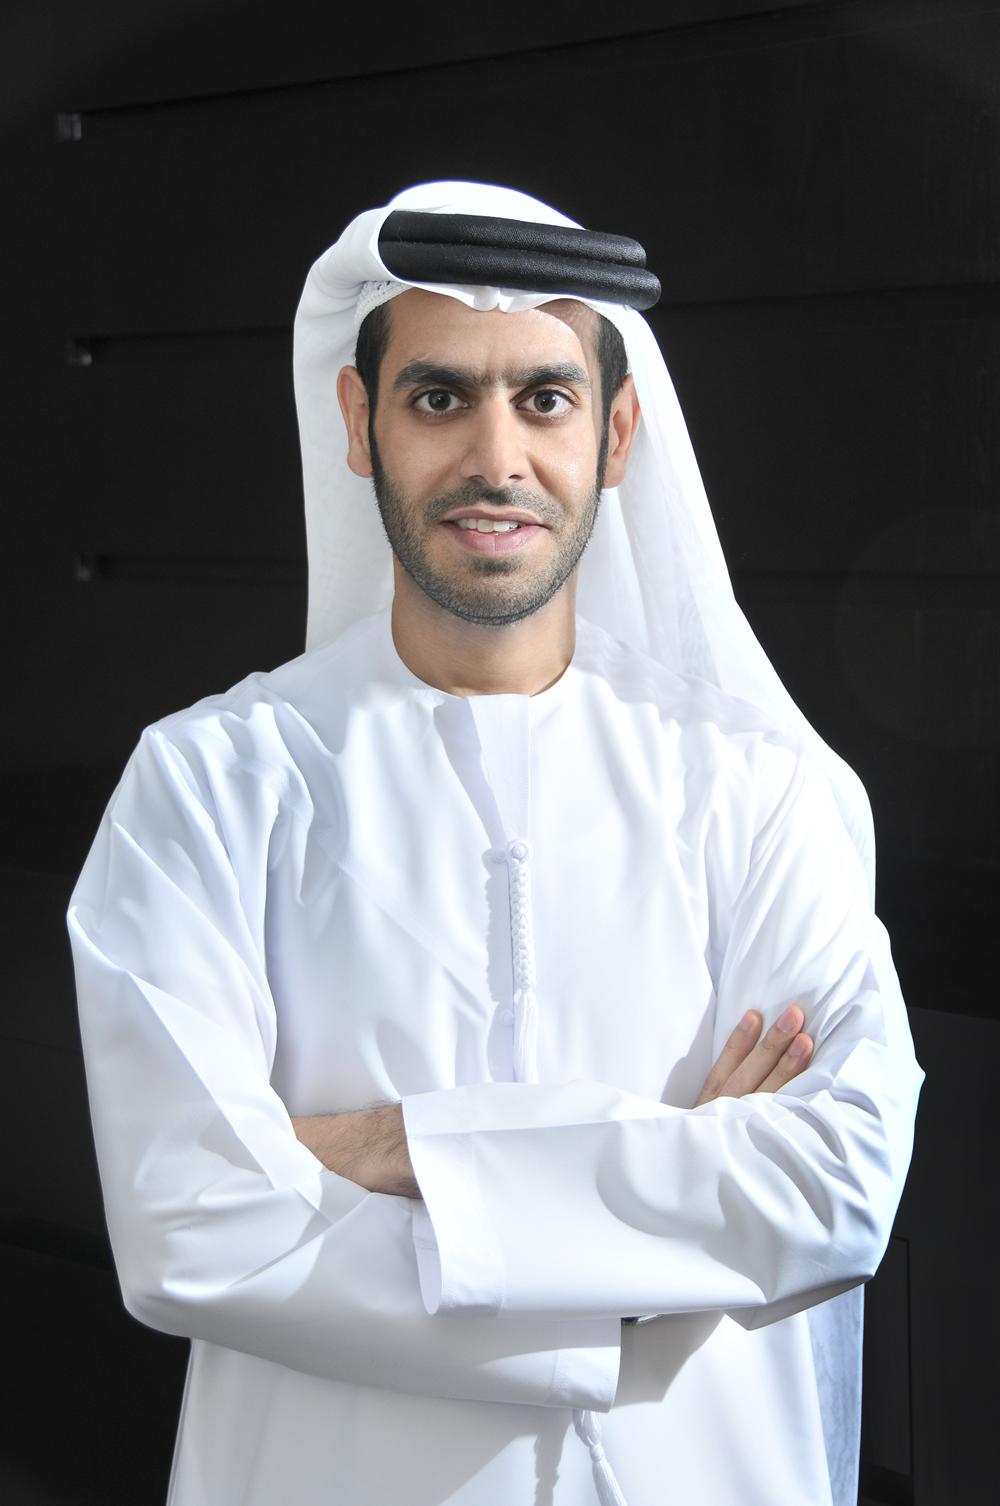 马万-本-贾斯米-阿勒-瑟尔卡:阿联酋沙迦投资发展局首席执行官